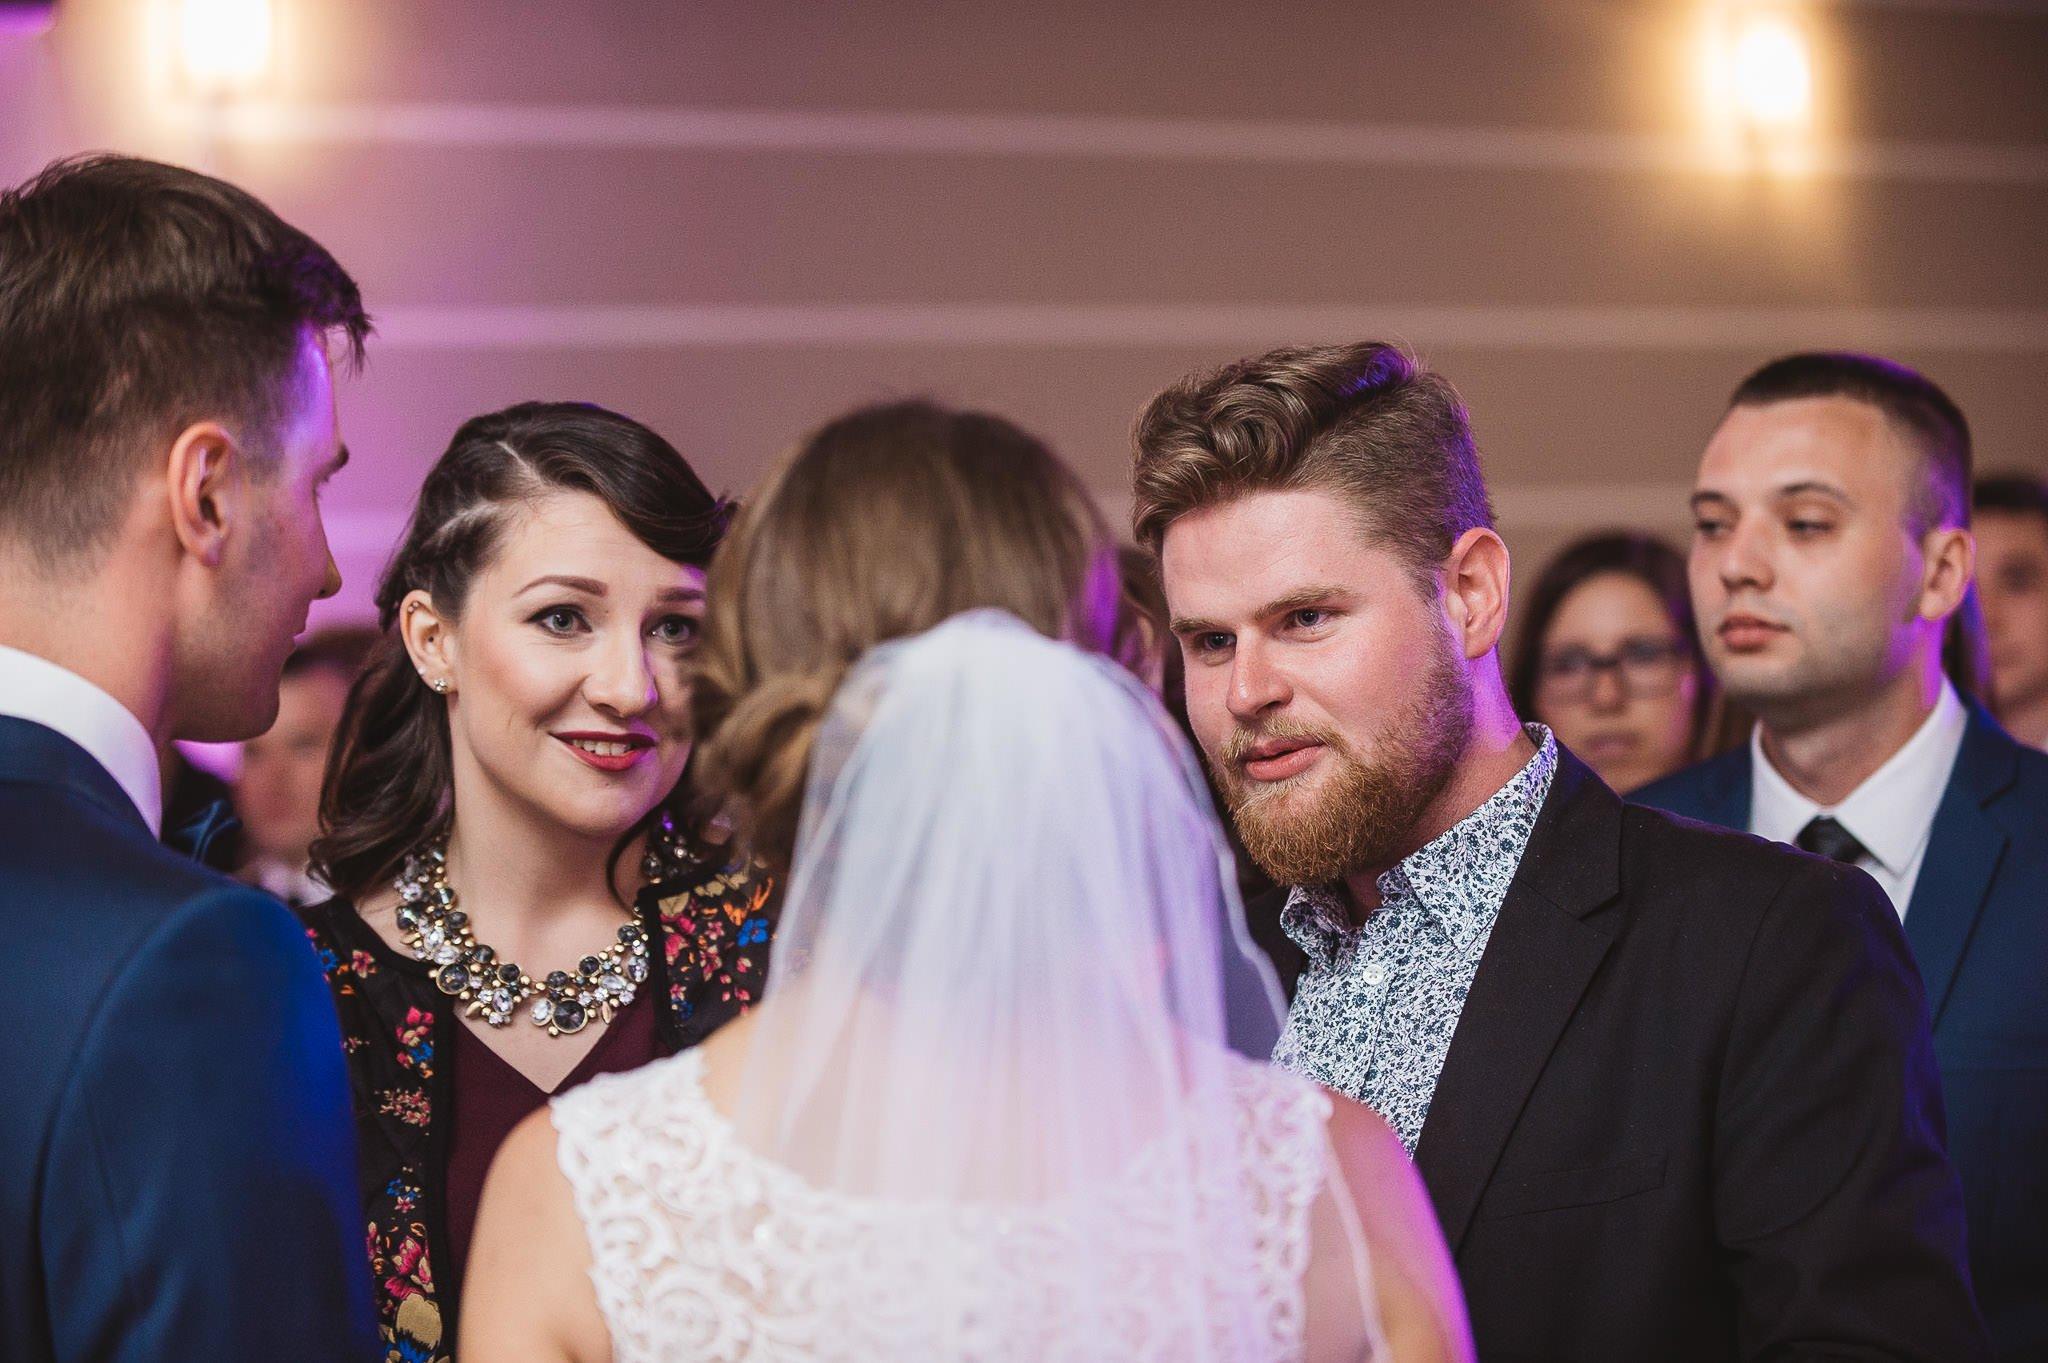 Monika i Michał, wesele w Paryżu i sesja plenerowa w stadninie koni w Czołowie 174